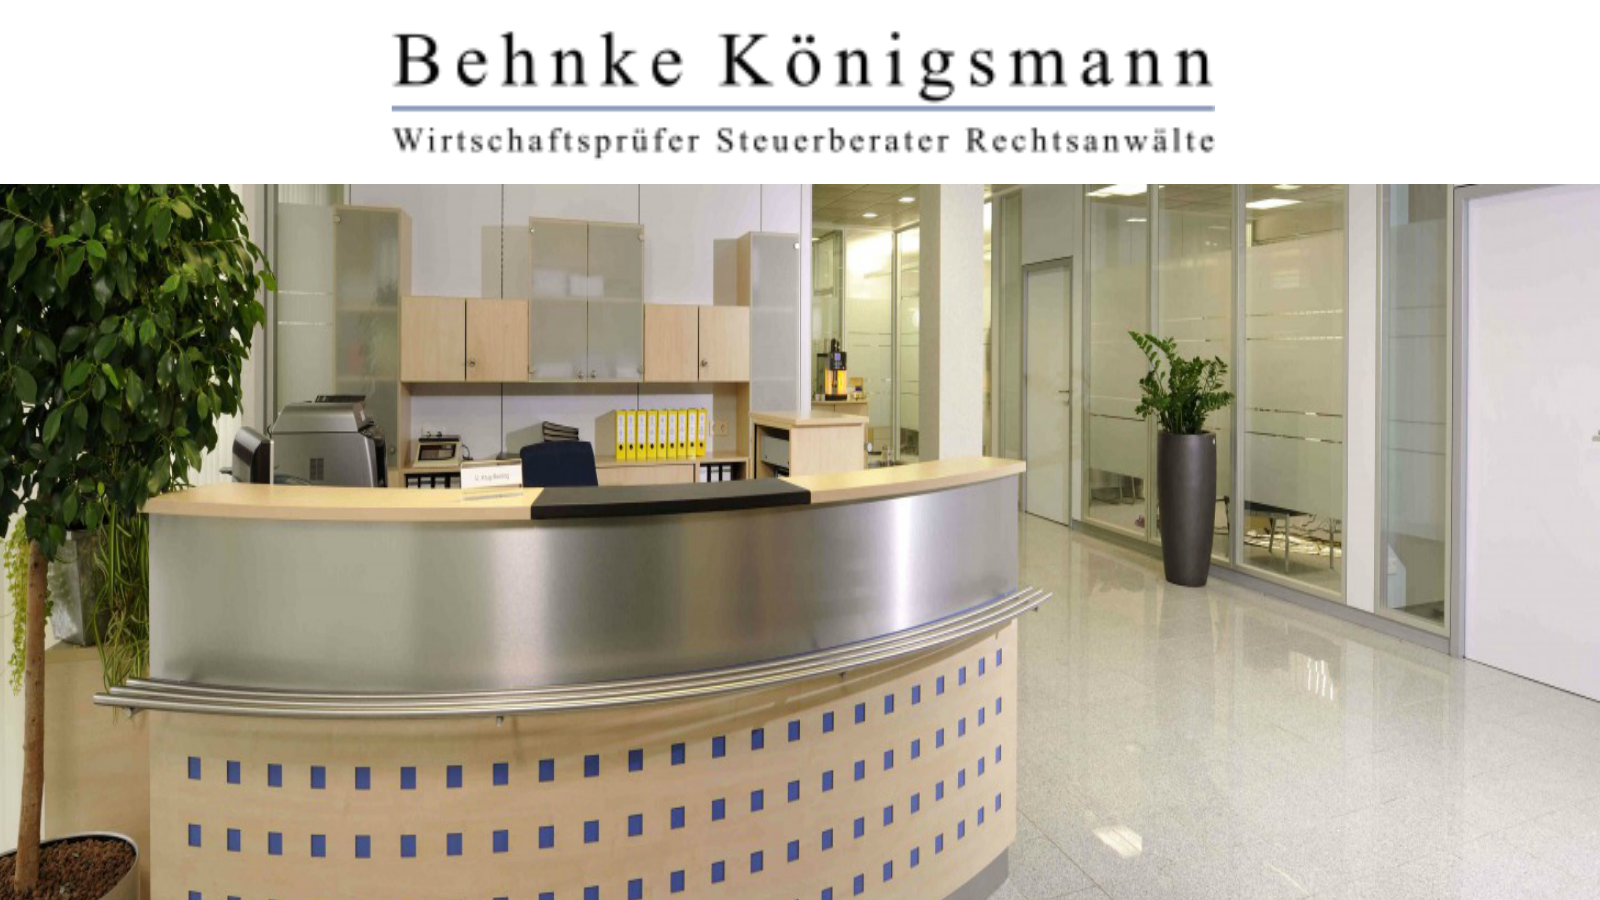 Behnke & Königsmann | Wirtschaftsprüfer Steuerberater